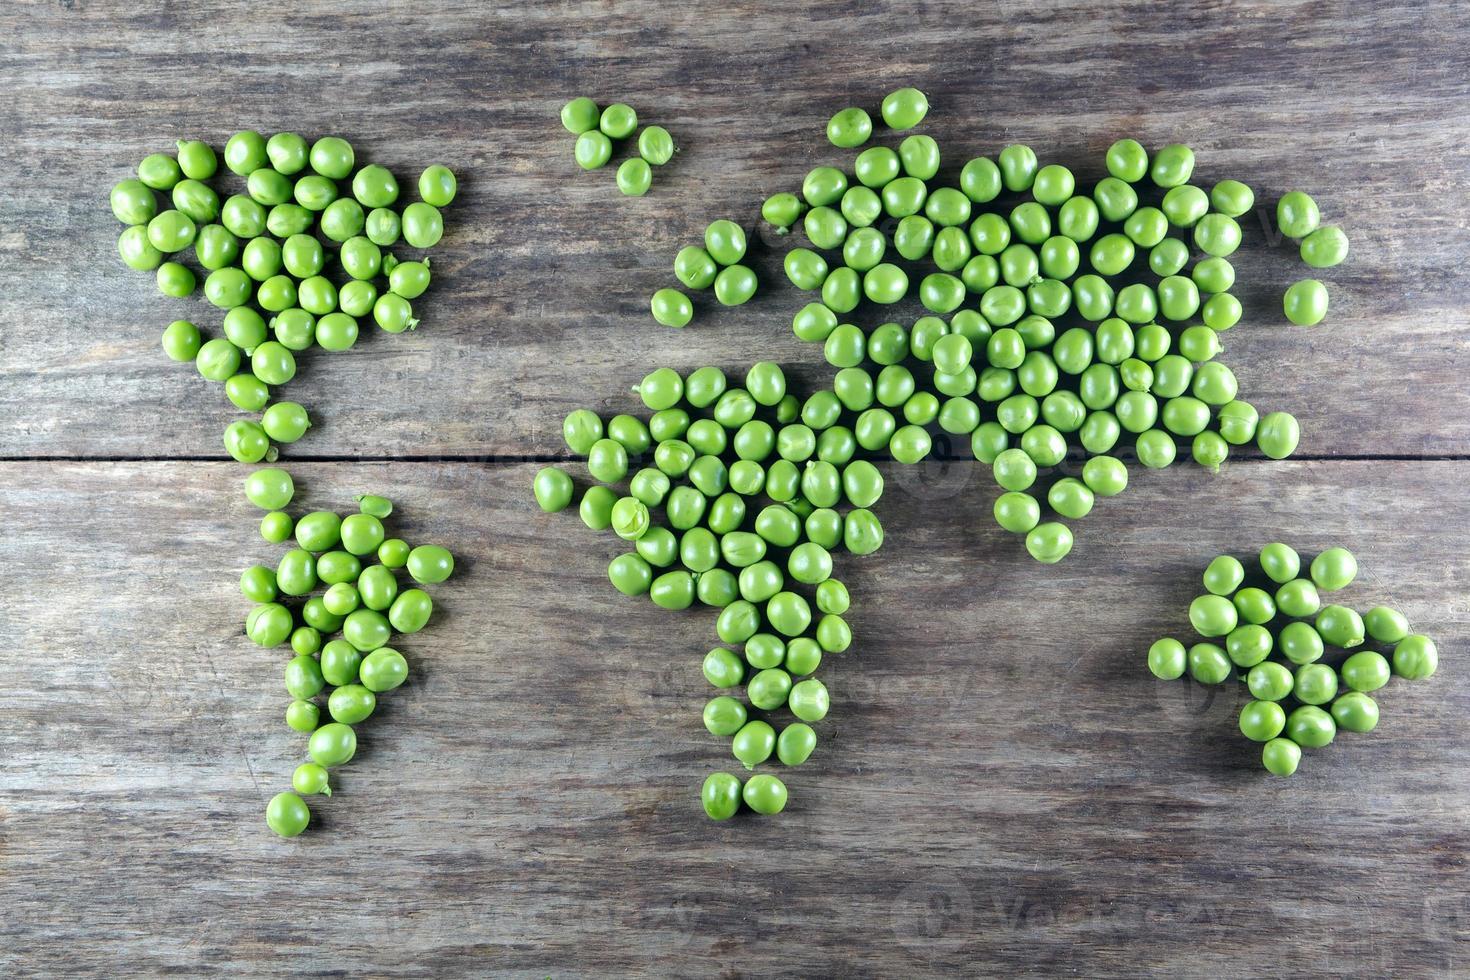 Weltkarte aus Erbsen gemacht foto